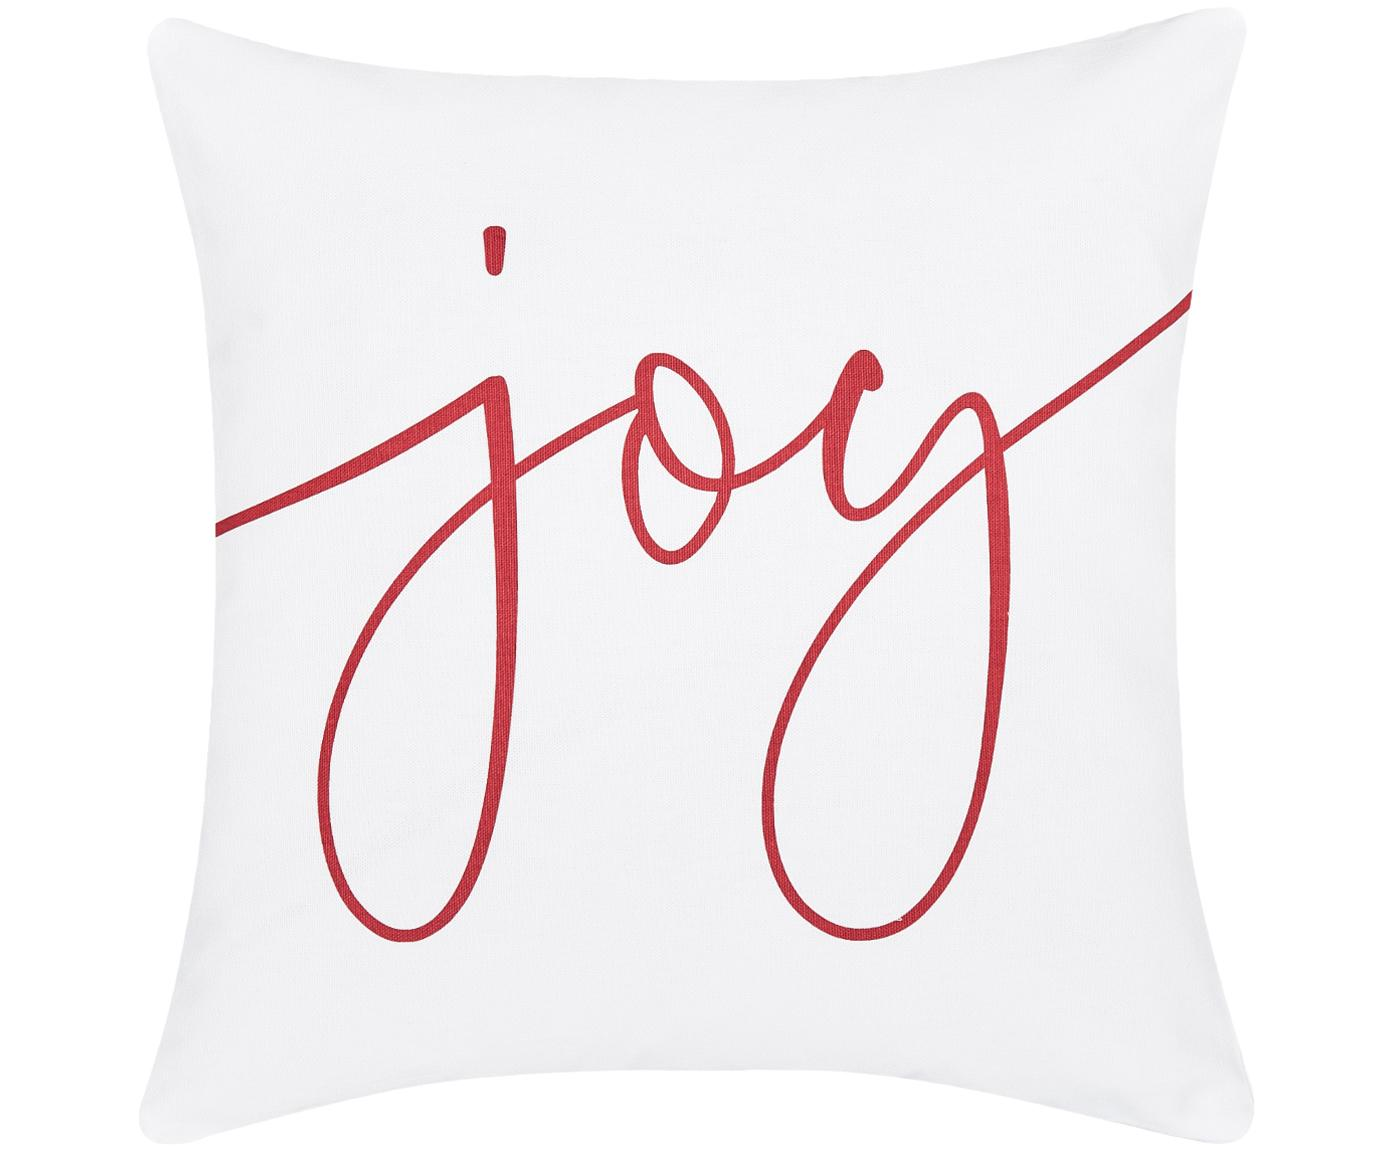 Poszewka na poduszkę Joy, 100 % bawełna, Biały, czerwony, S 40 x D 40 cm